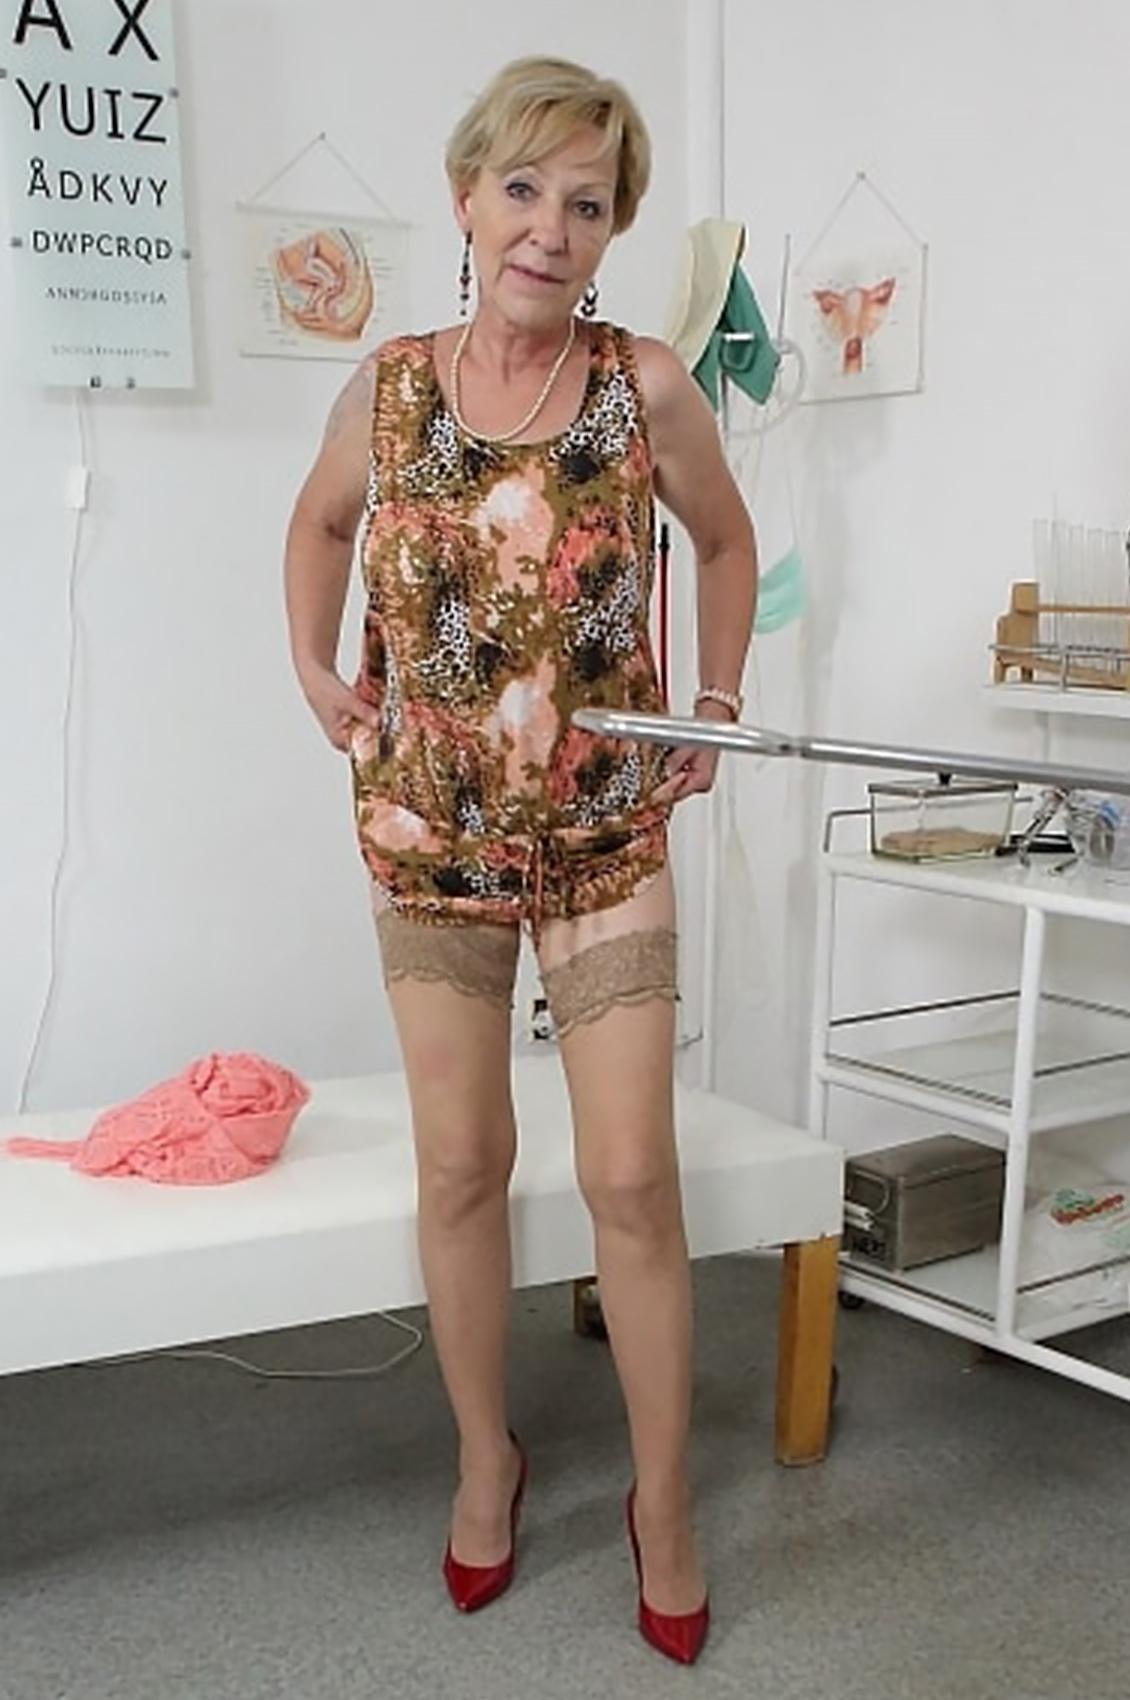 Mili's VR Porn Videos, Bio & Free Nude Pics